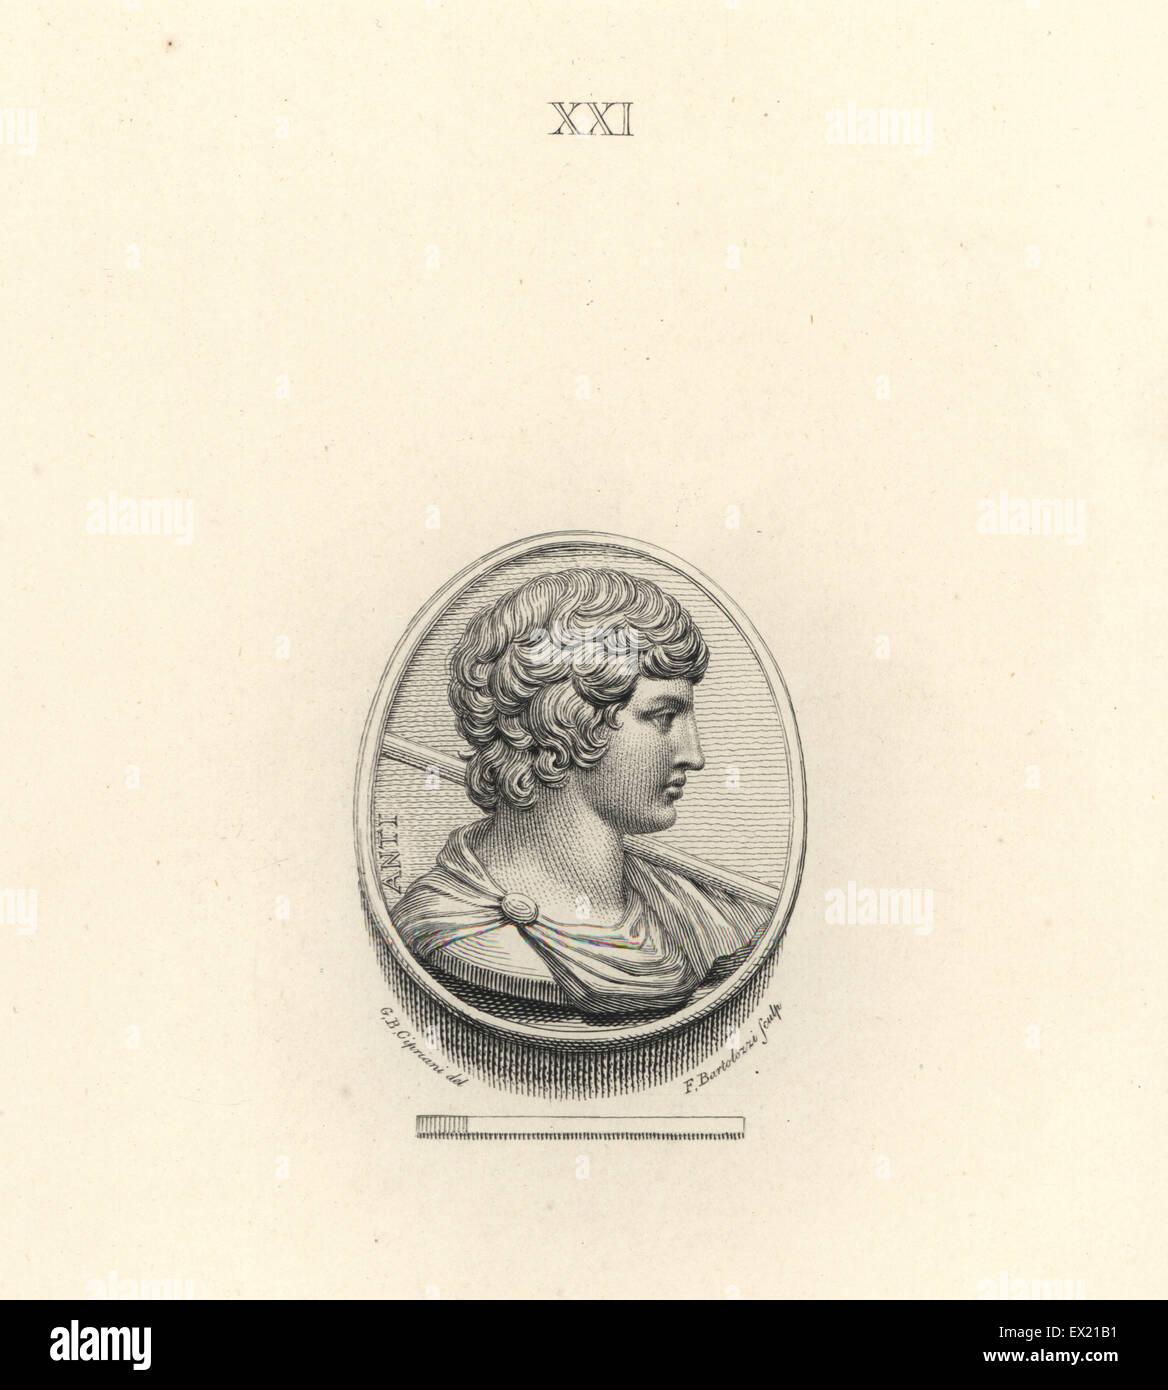 Antinoo, Bithynian gioventù greca e amante dell'imperatore romano Adriano. Incisione su rame di Francesco Immagini Stock